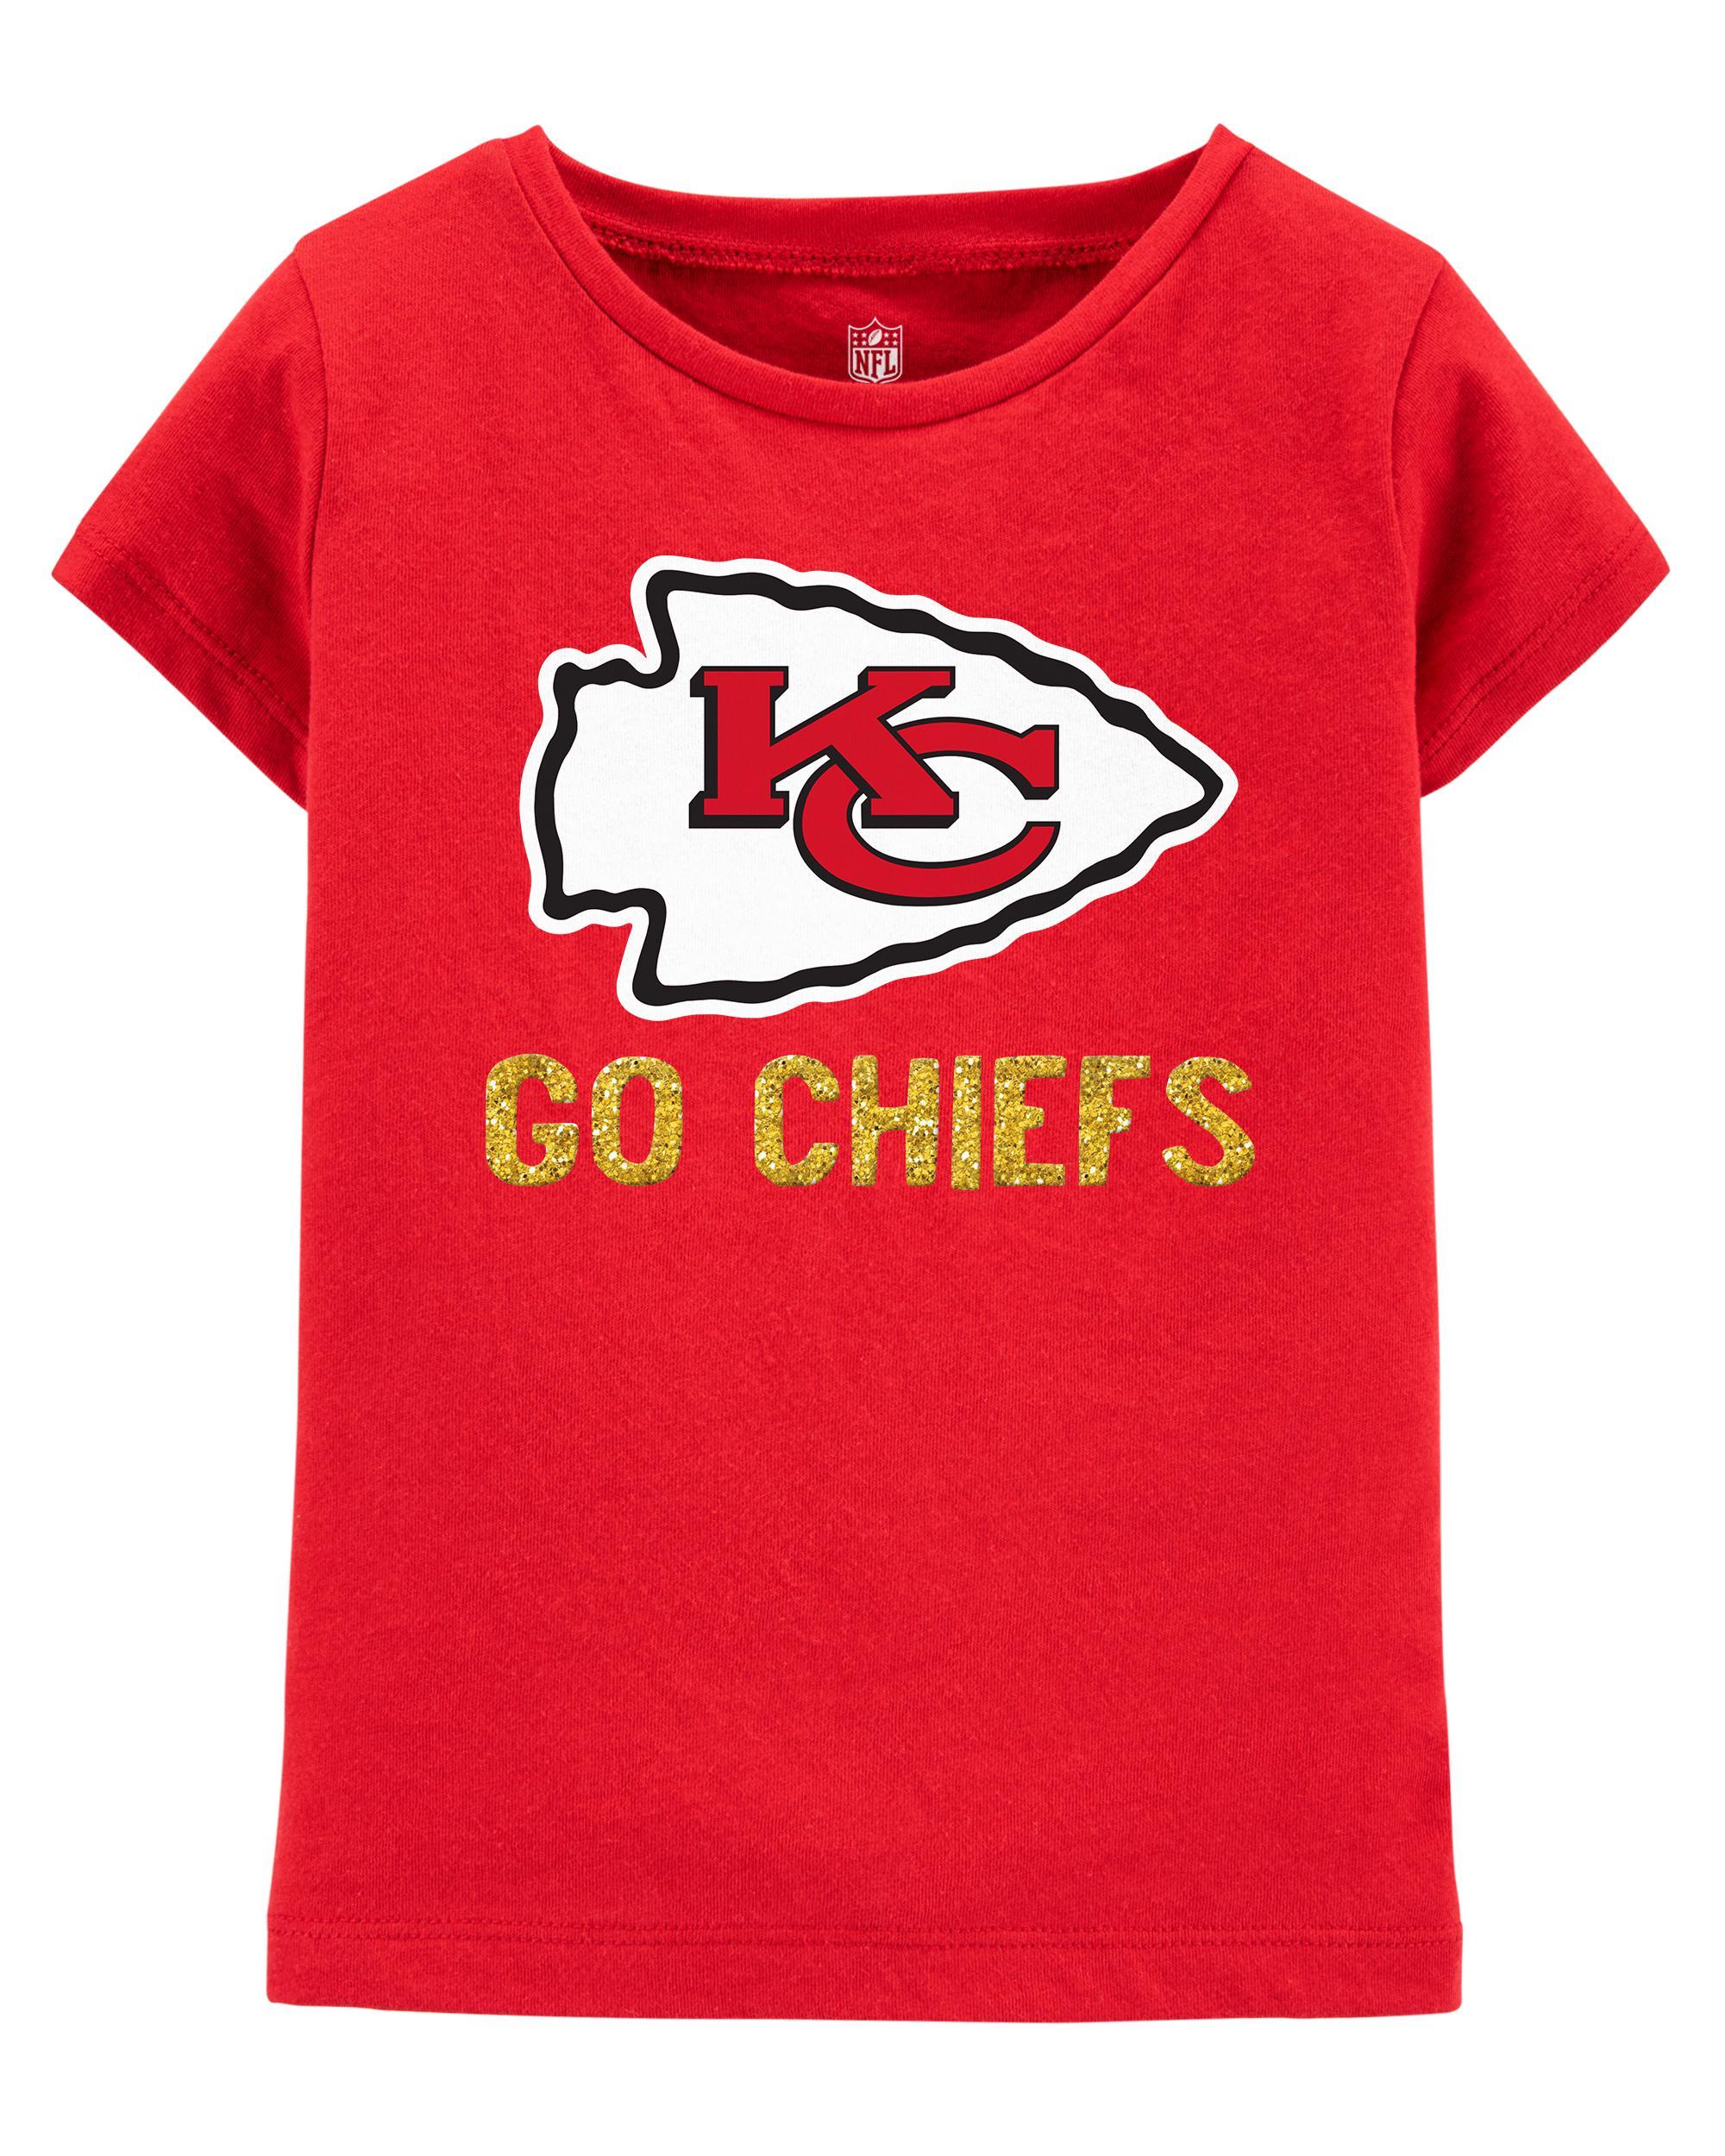 265a4821 NFL Kansas City Chiefs Tee | oshkosh.com